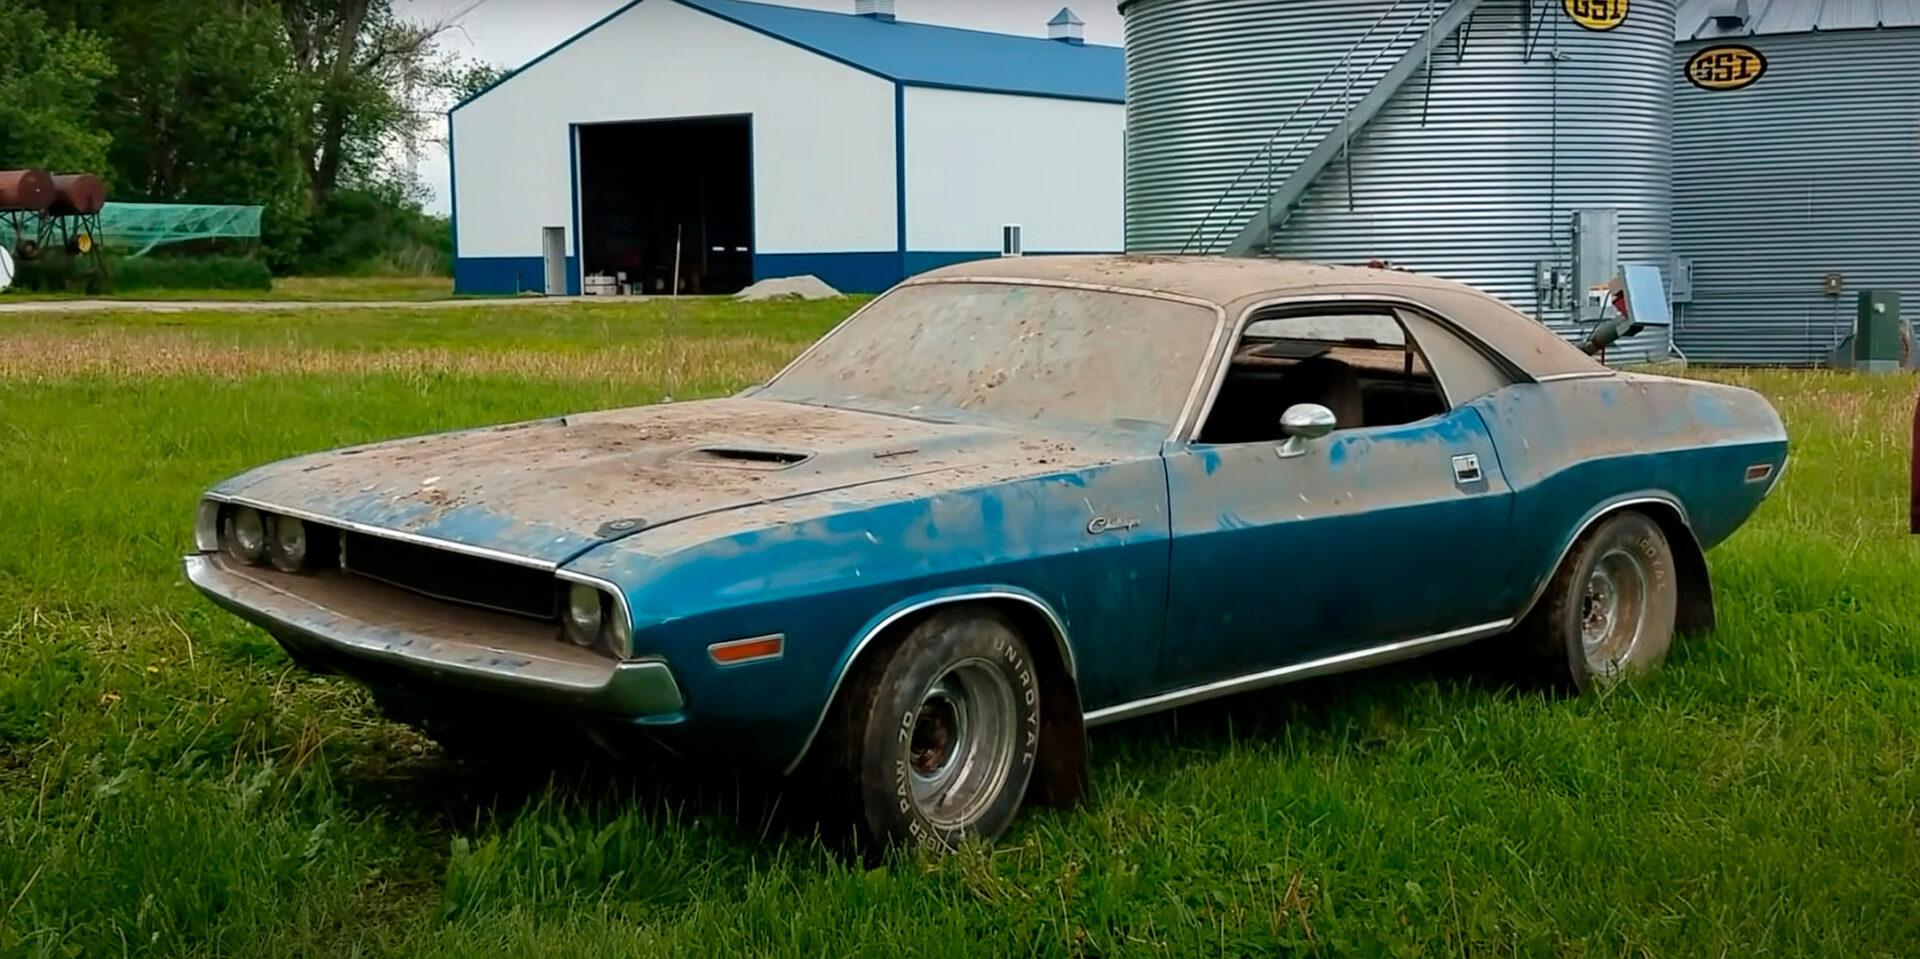 Descubren un Dodge Challenger que llevaba 40 años abandonado en un establo